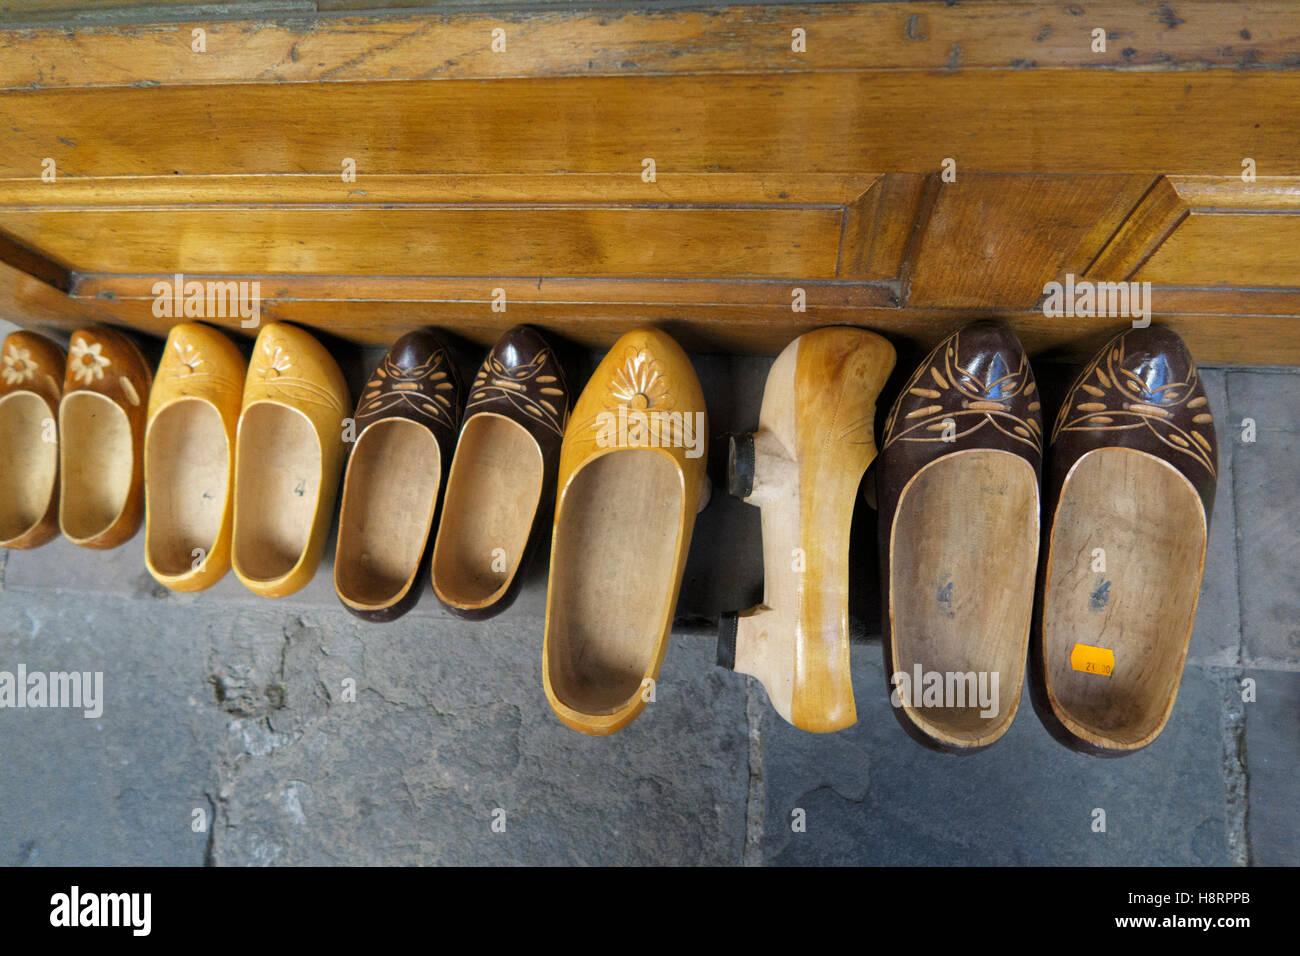 Zoccoli di legno a fianco a fianco Immagini Stock